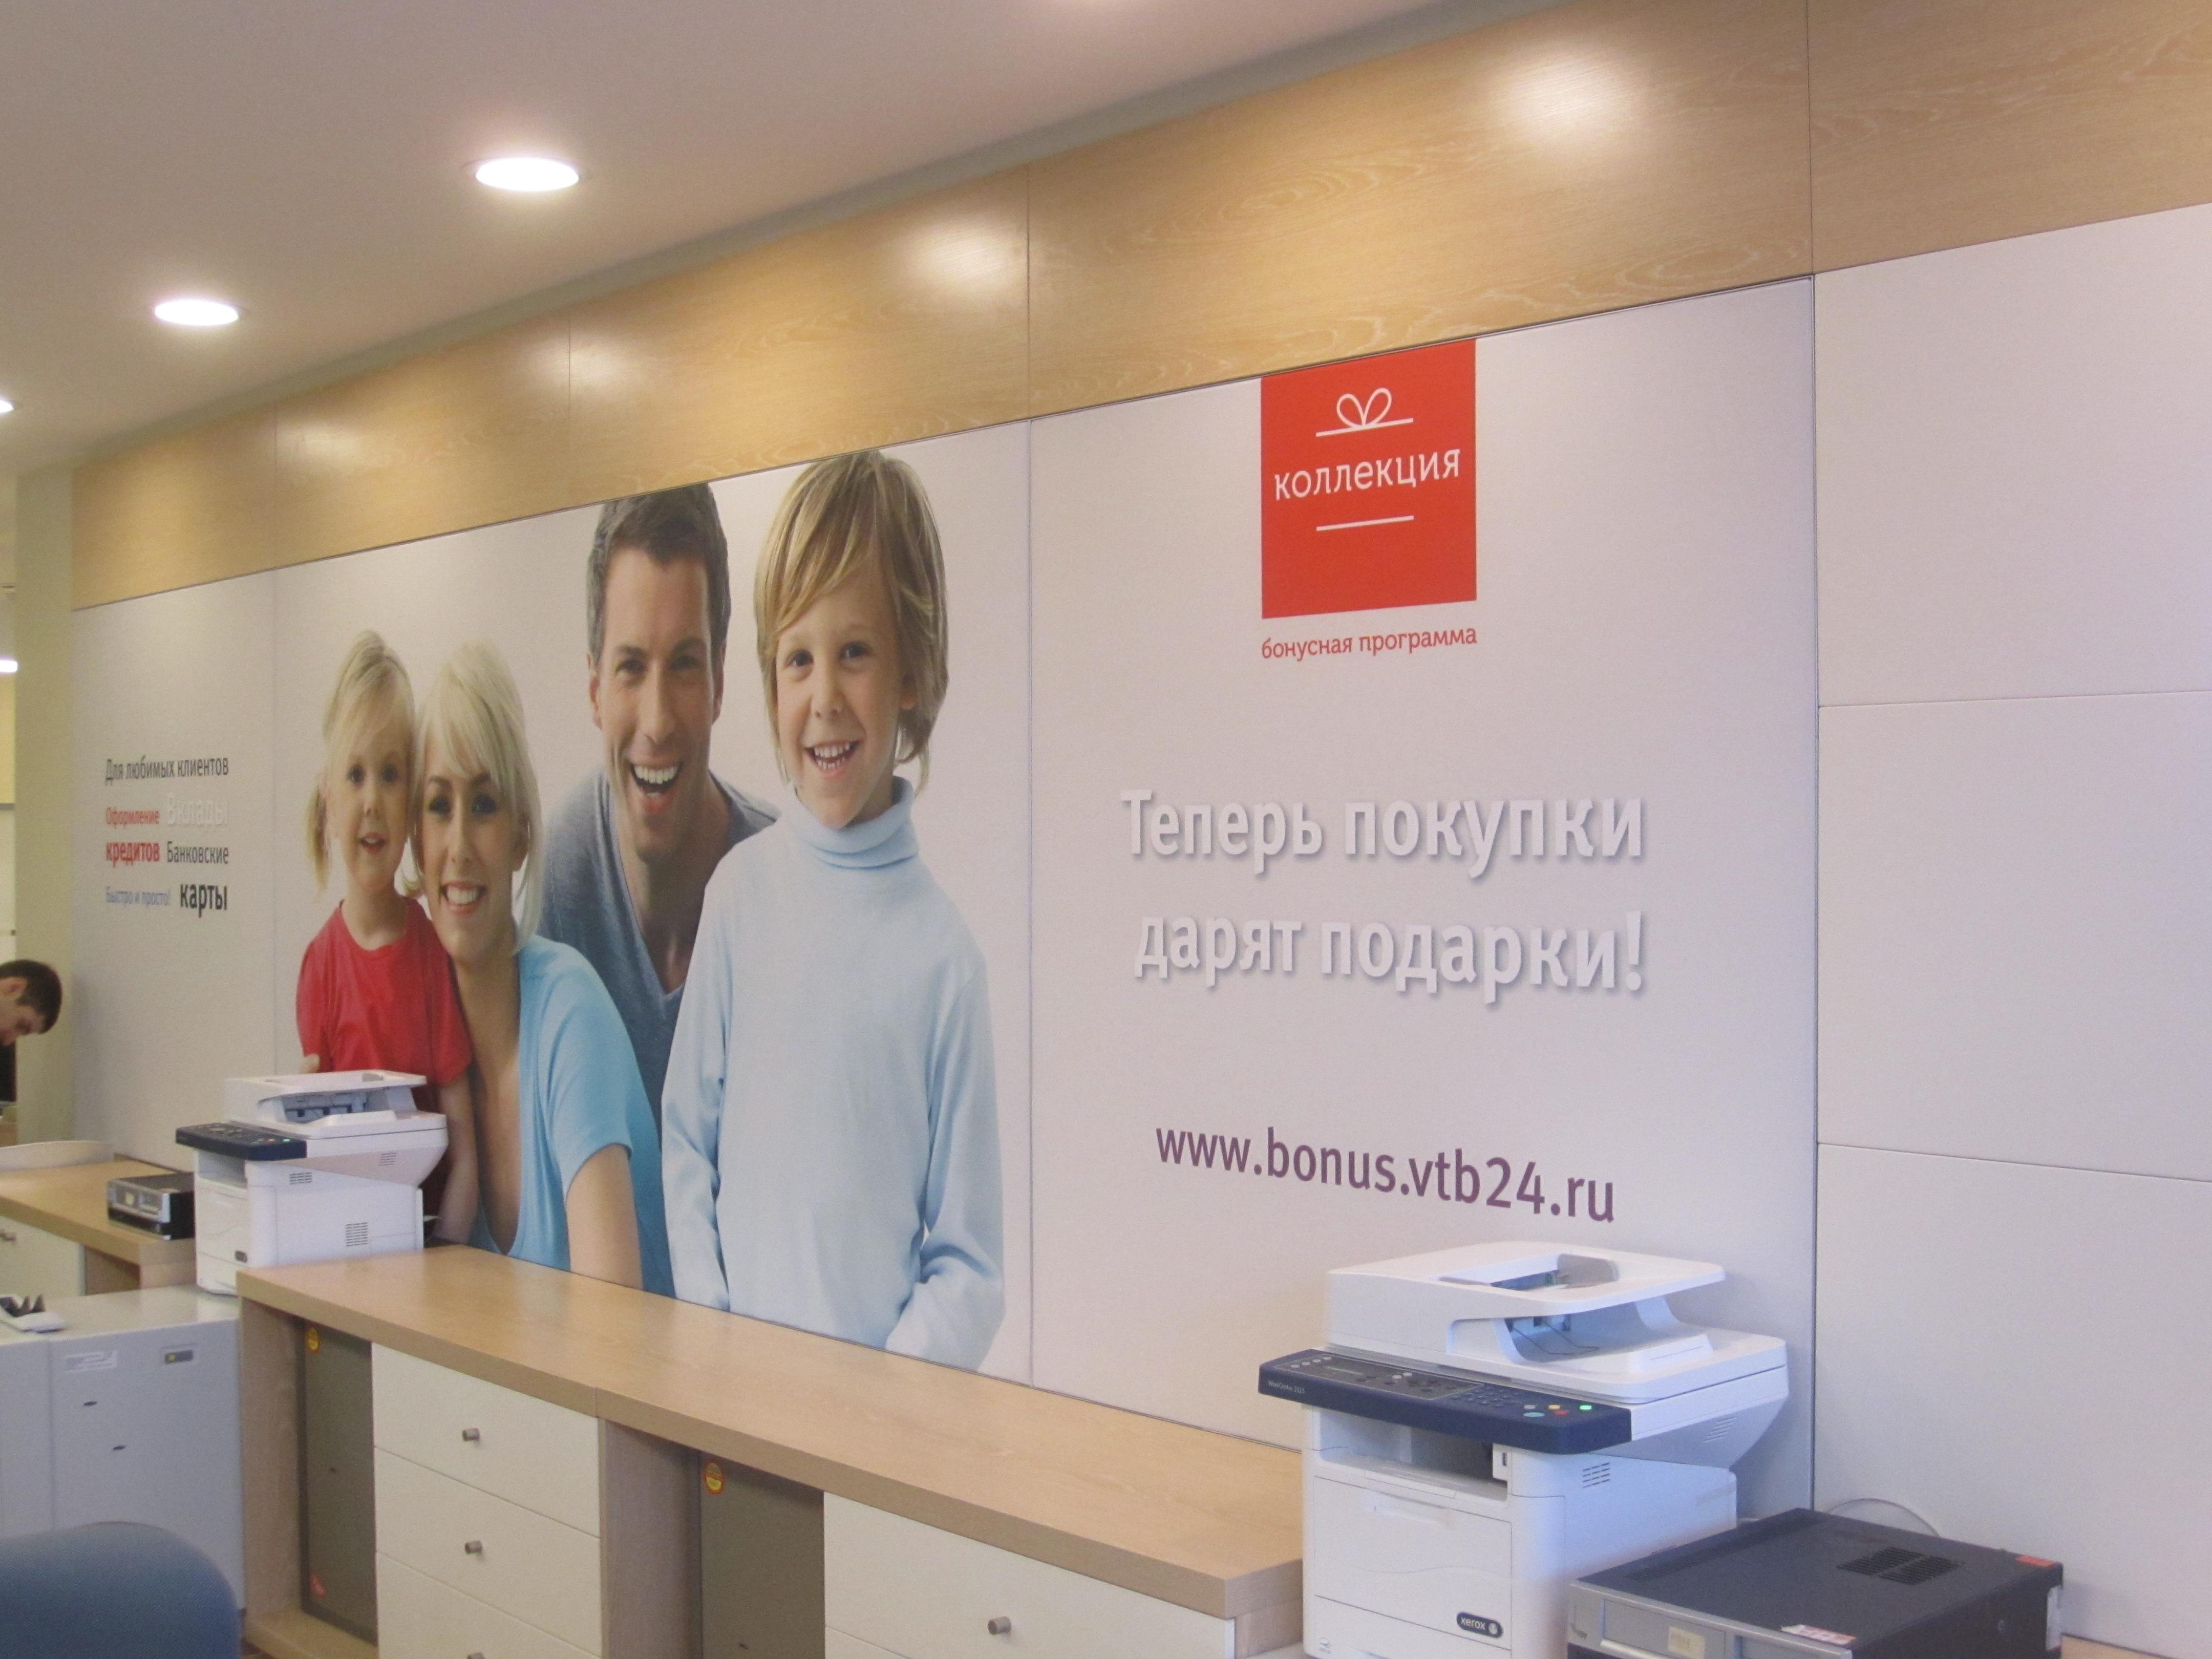 Особенности оформления интерьера офиса банка